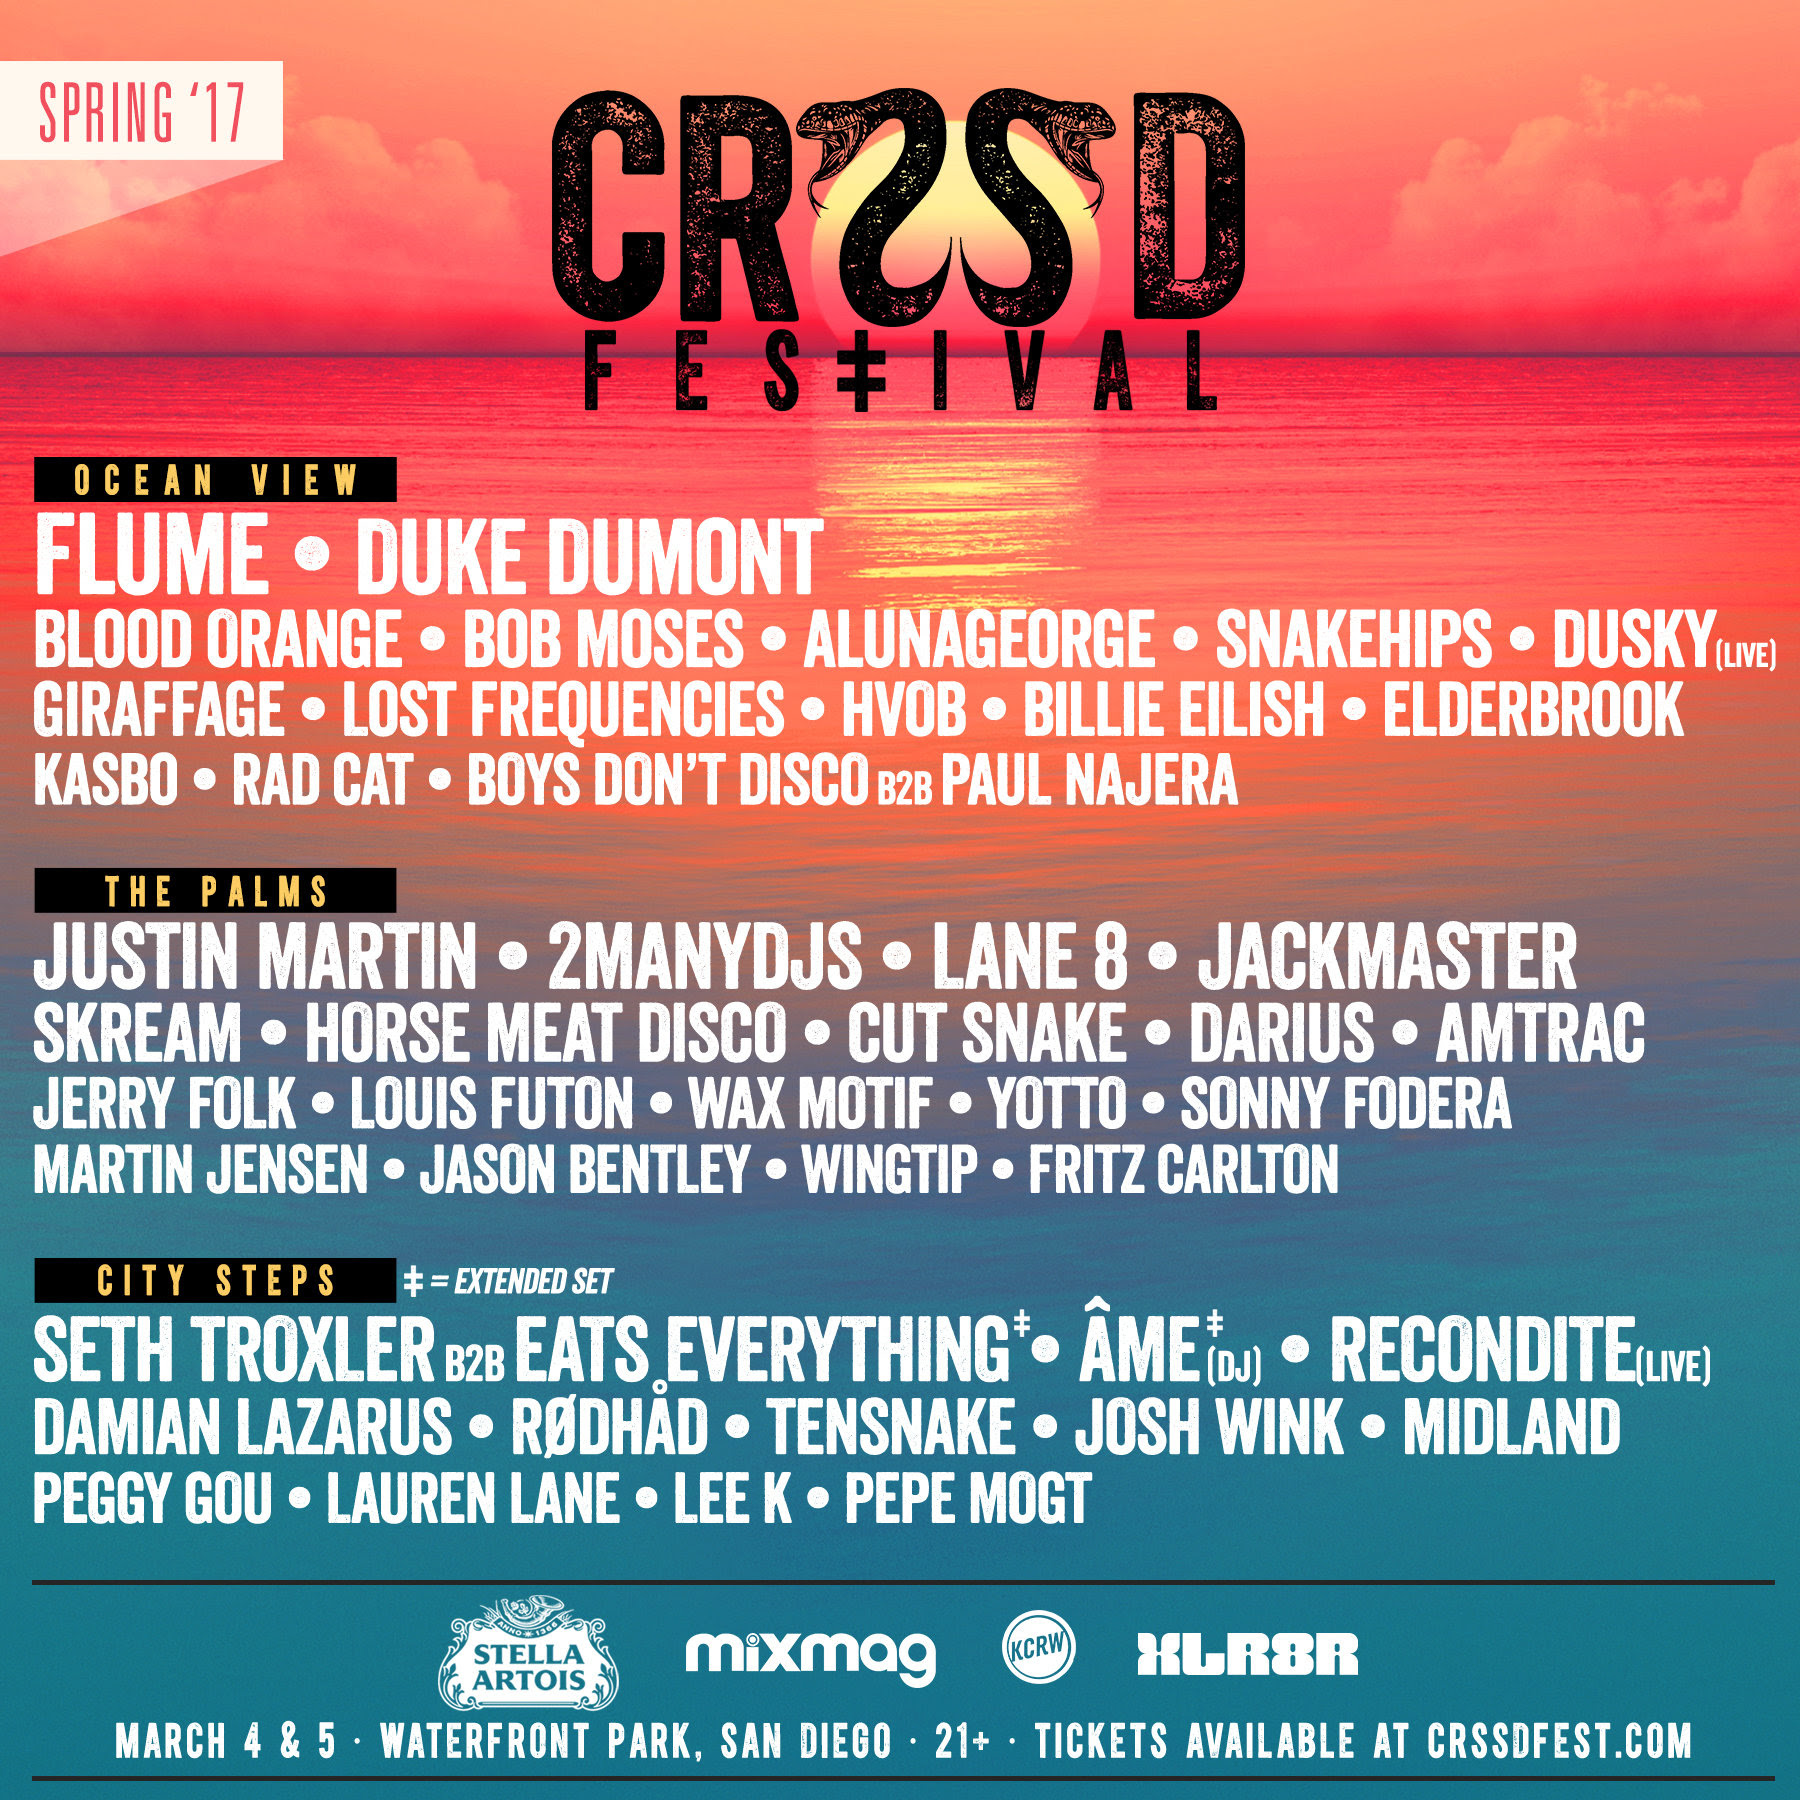 CRSSD 2017 Spring